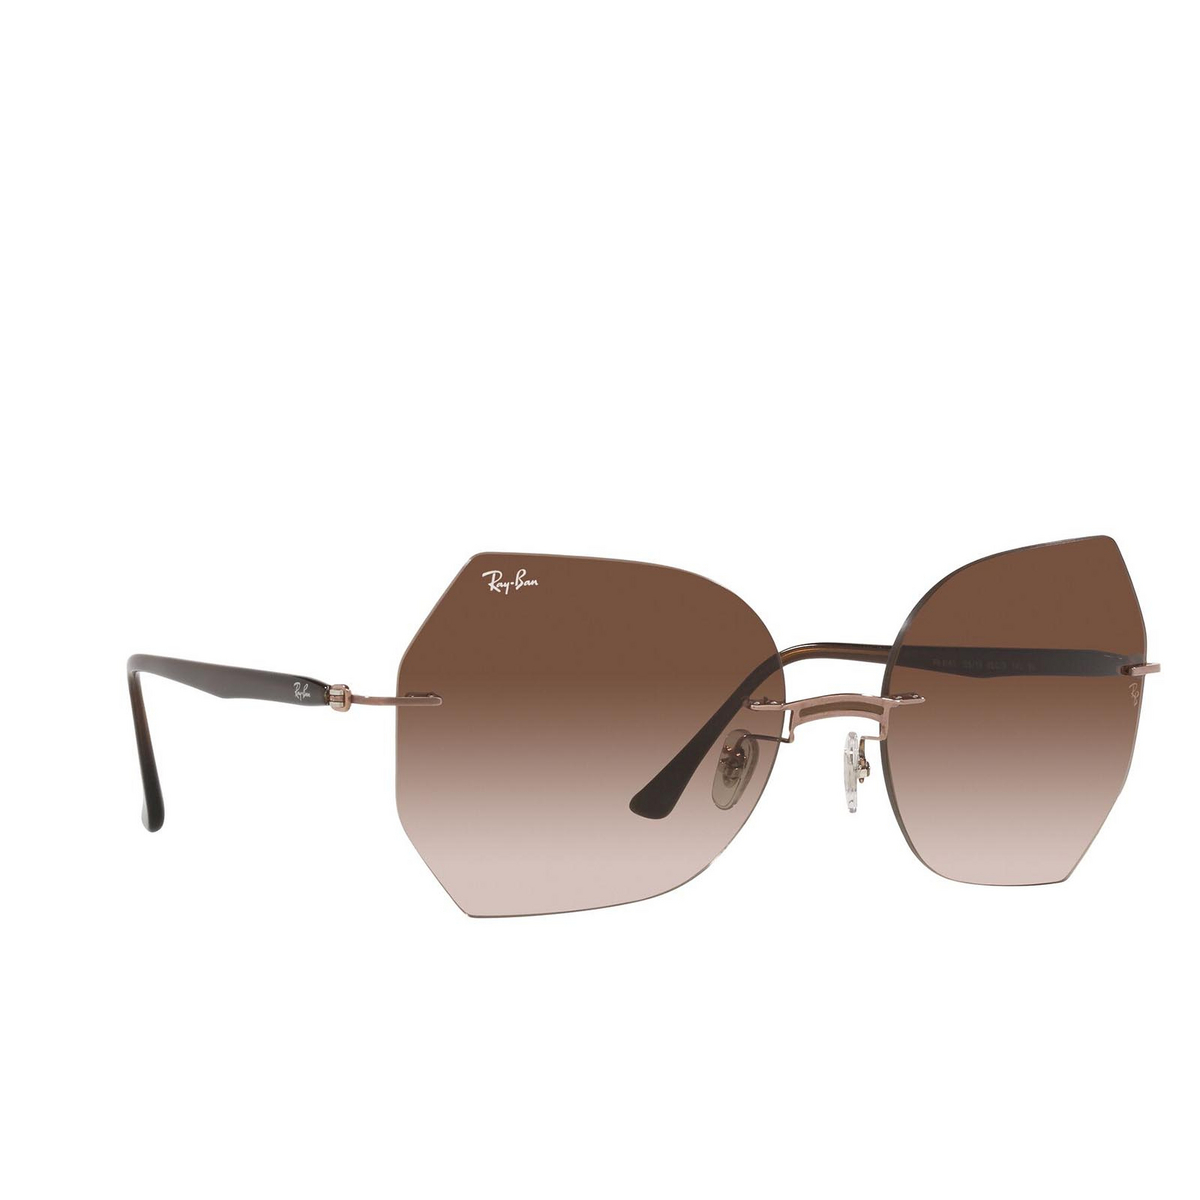 Ray-Ban® Irregular Sunglasses: RB8065 color Brown On Light Brown 155/13.